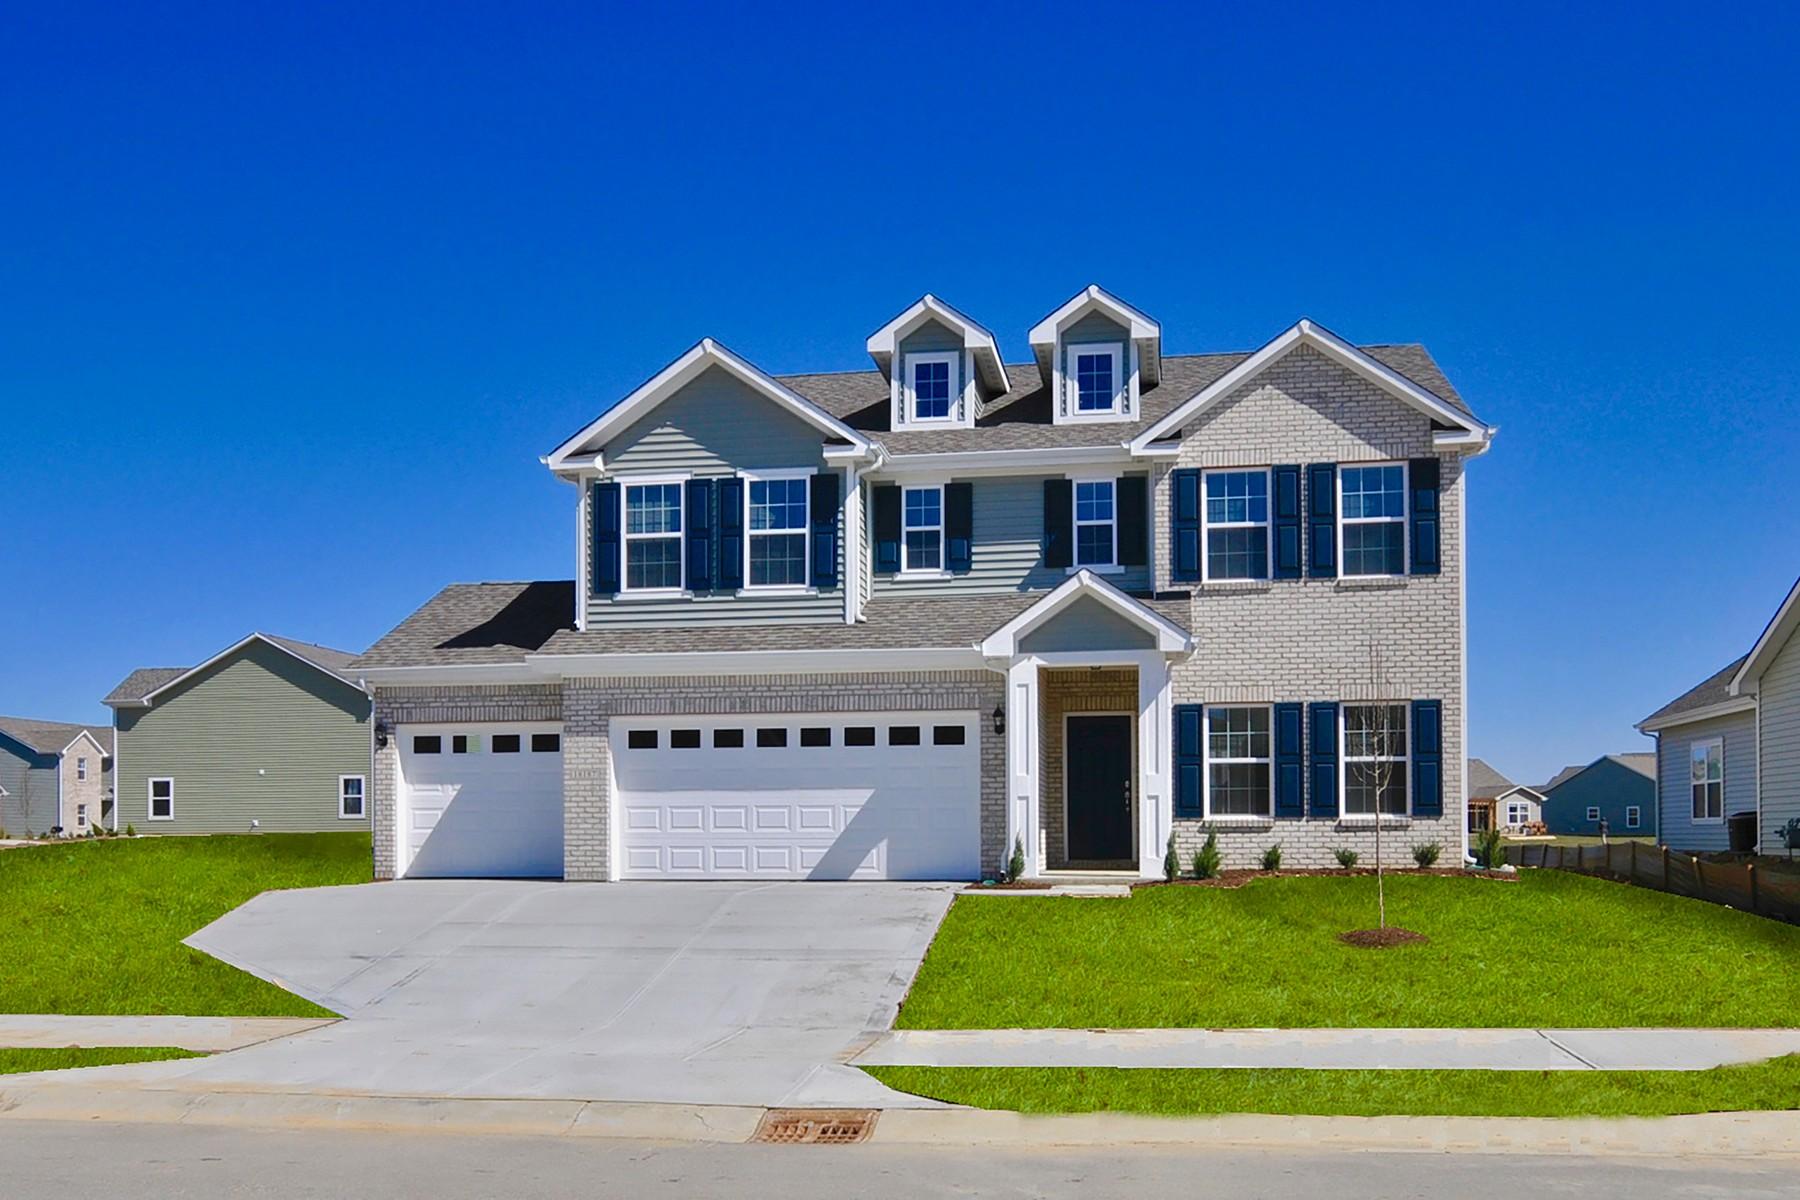 Casa Unifamiliar por un Alquiler en Great 4 Bedroom Home in Westfield 18187 Nickel Plate Drive Westfield, Indiana 46074 Estados Unidos